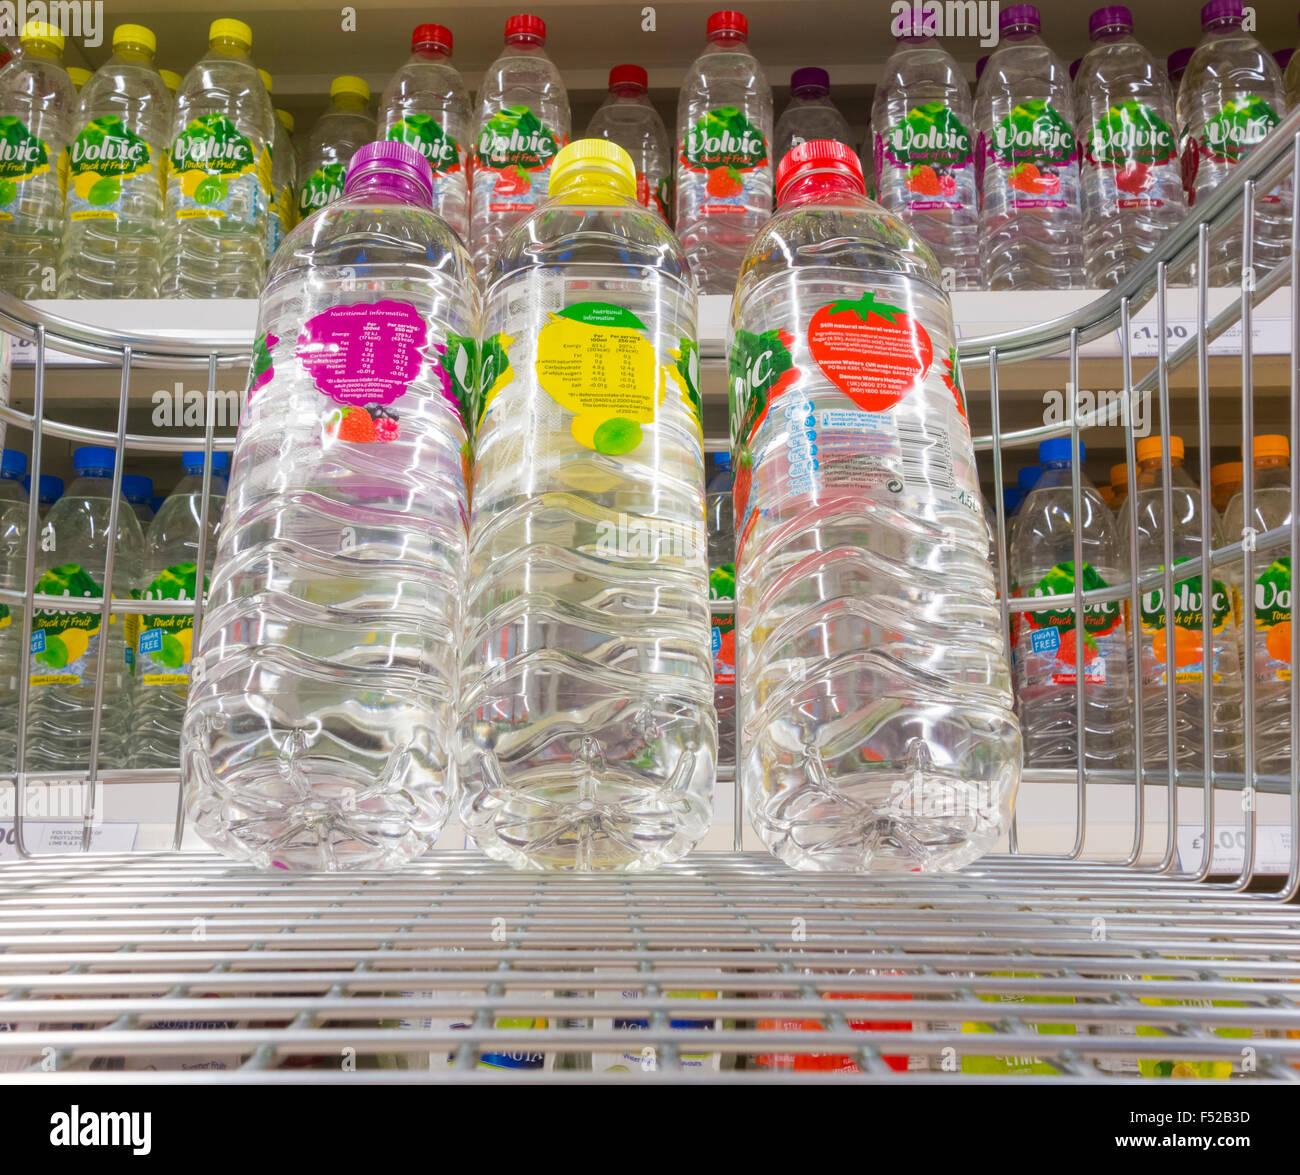 Saveur de l'eau en bouteille en supermarché Tesco. UK Photo Stock